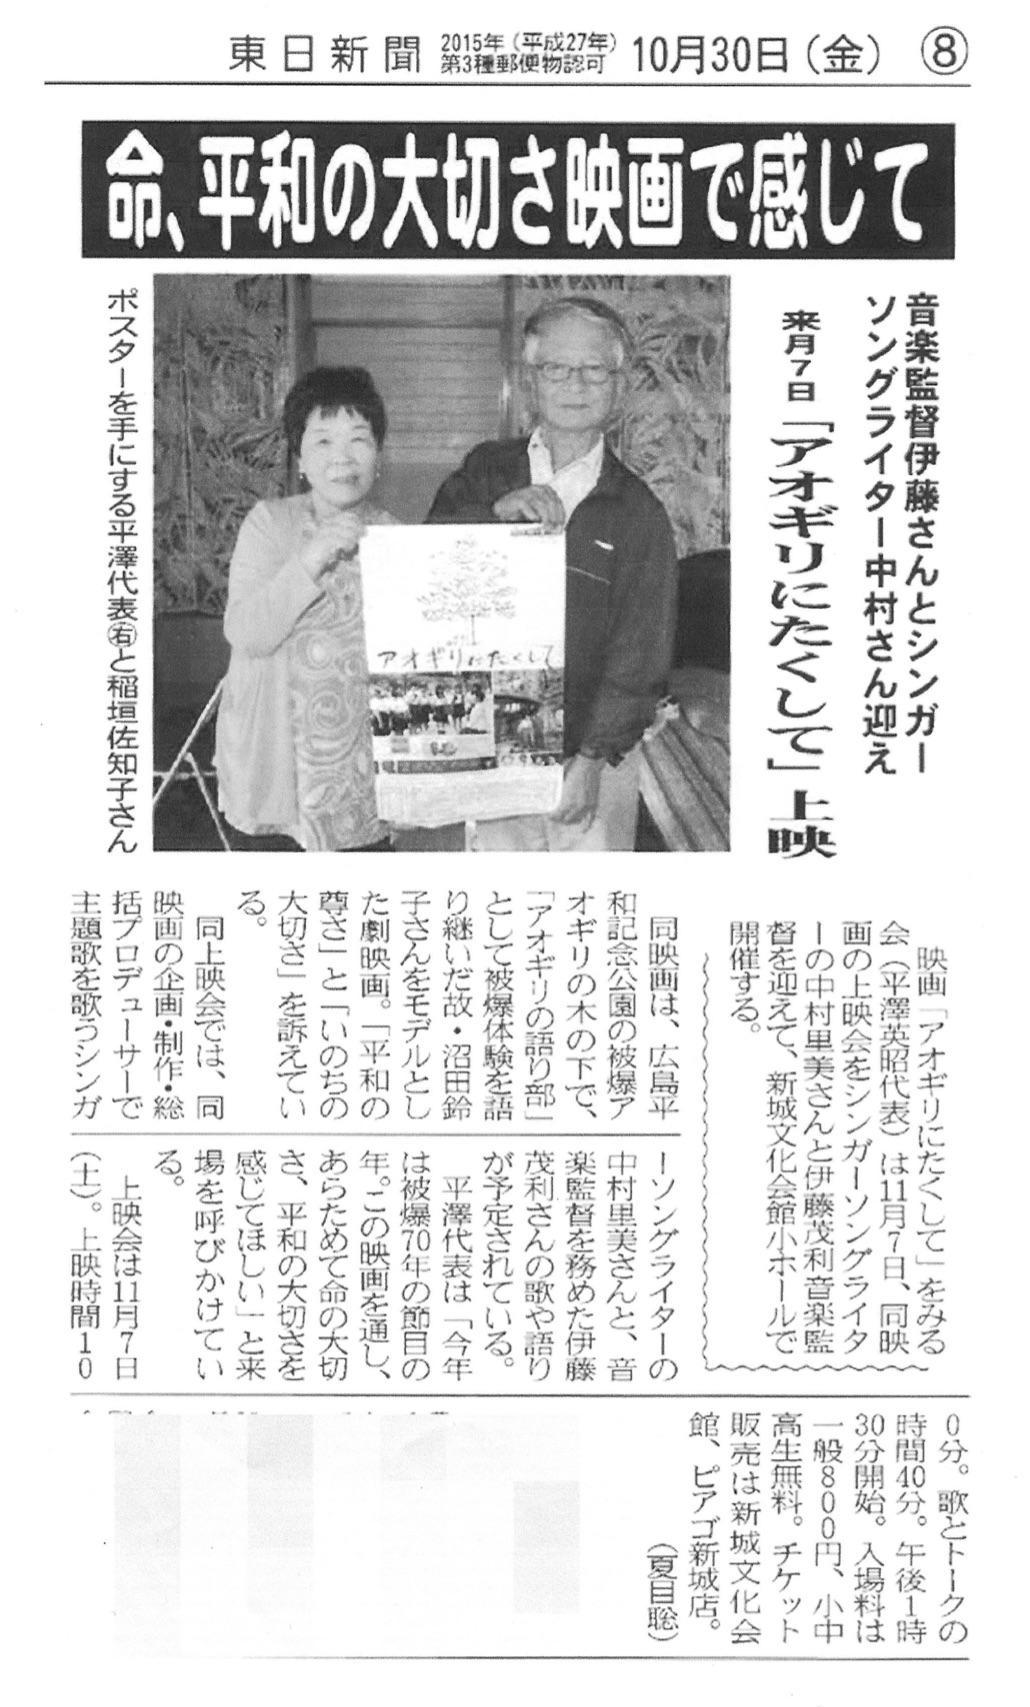 東日新聞(2015.10.30)